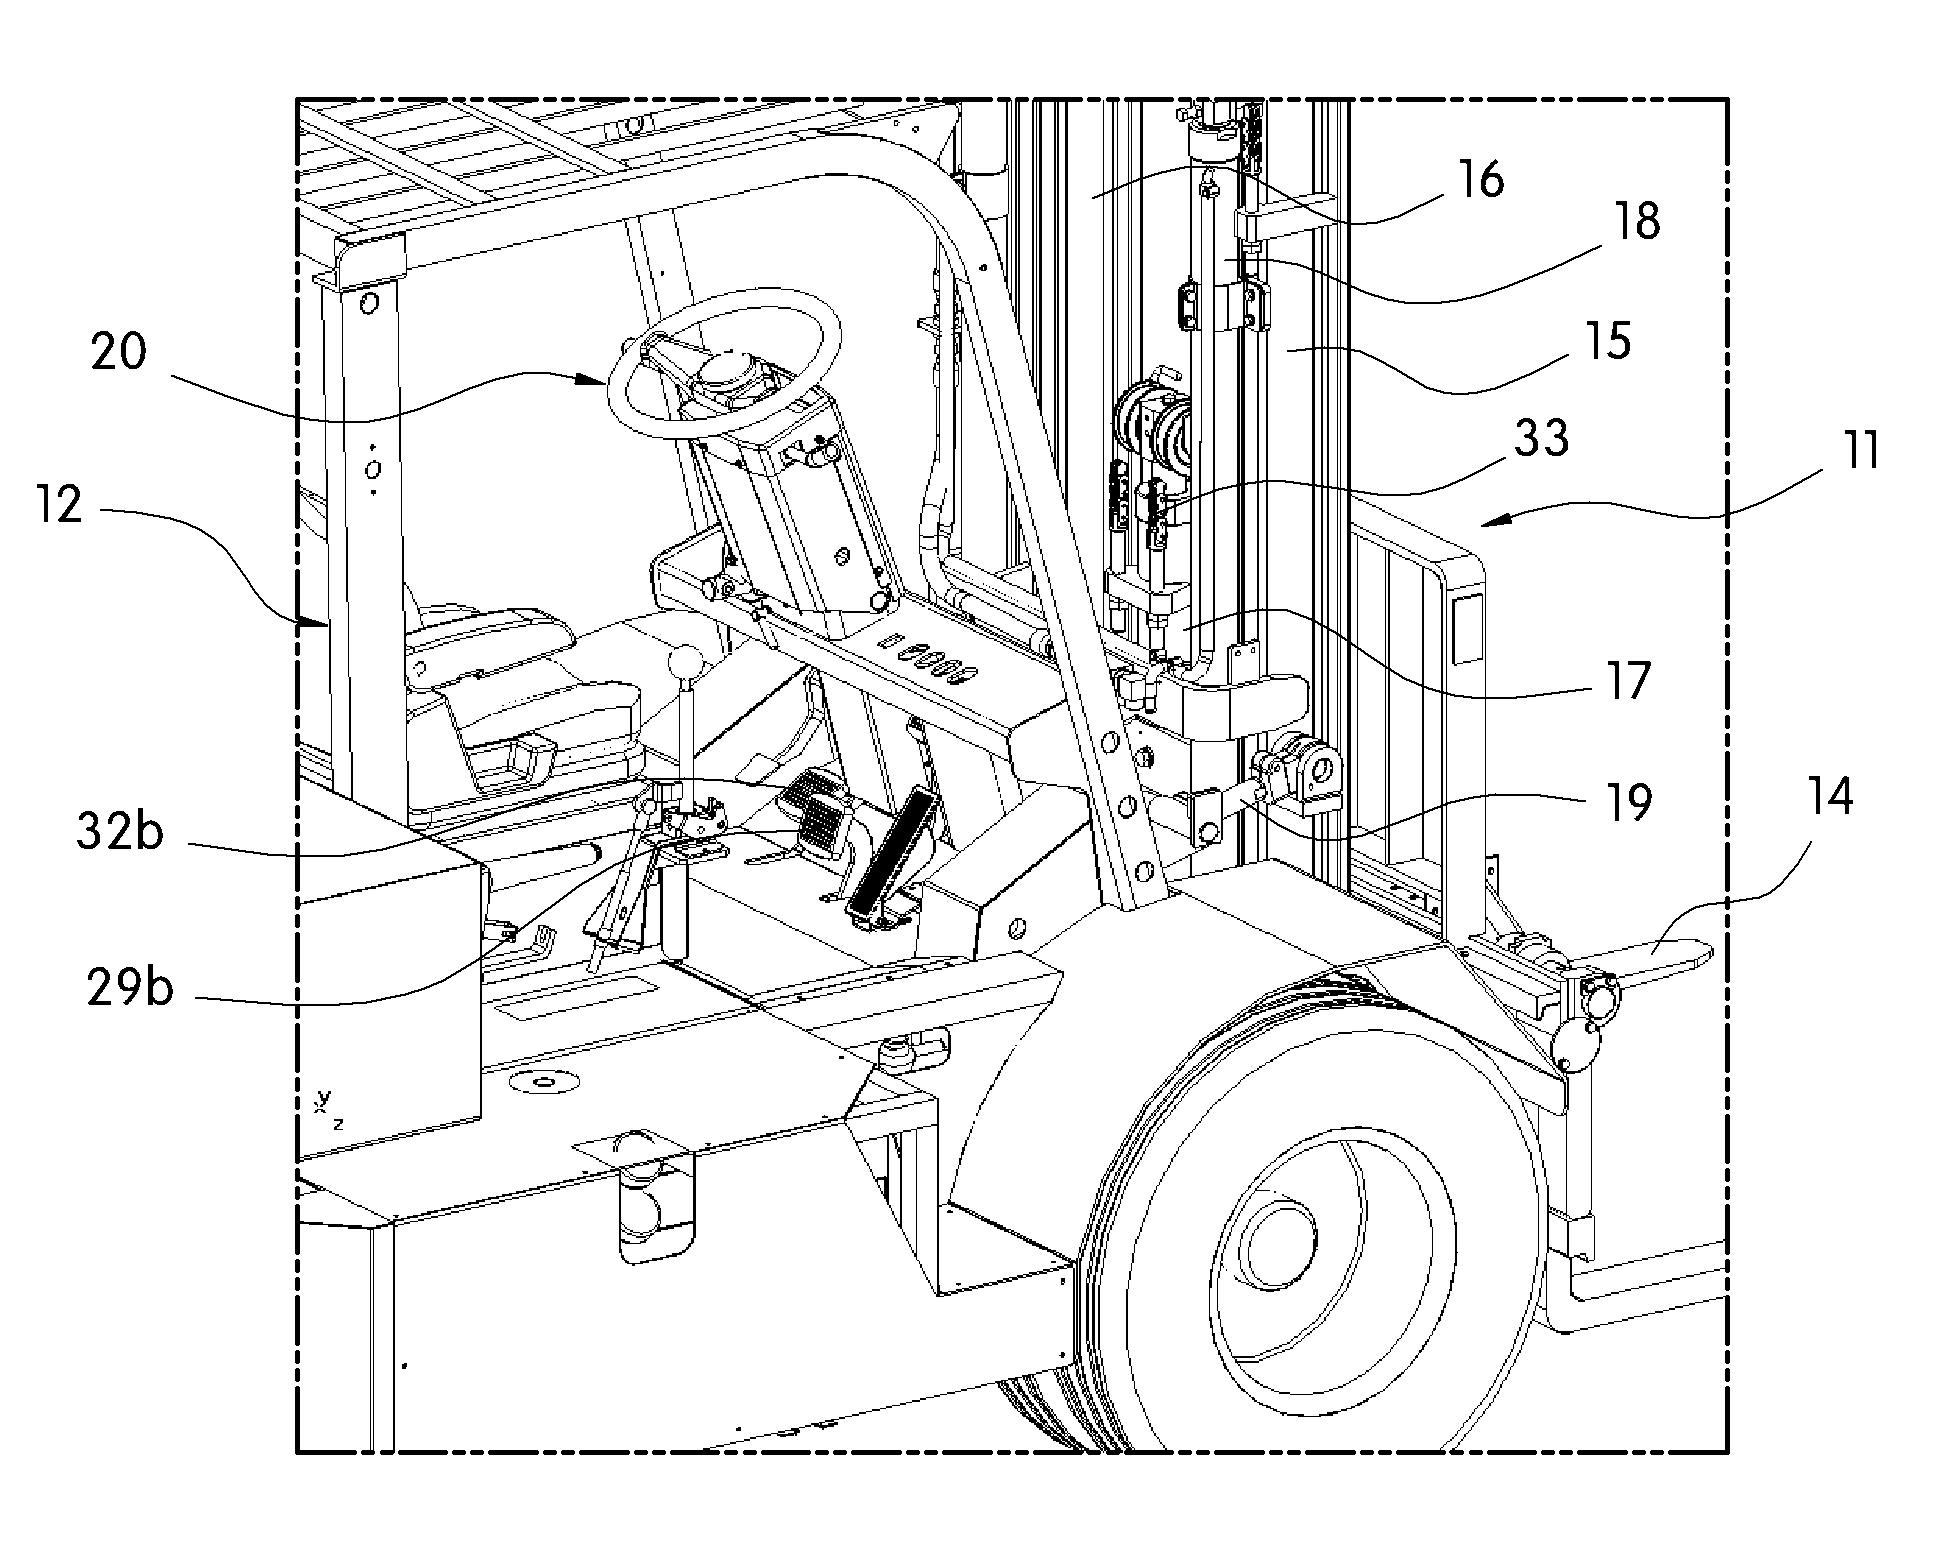 Patent WO2010062033A2 - 동시 작동 기능을 갖는 지게차 겸 자동차 ...